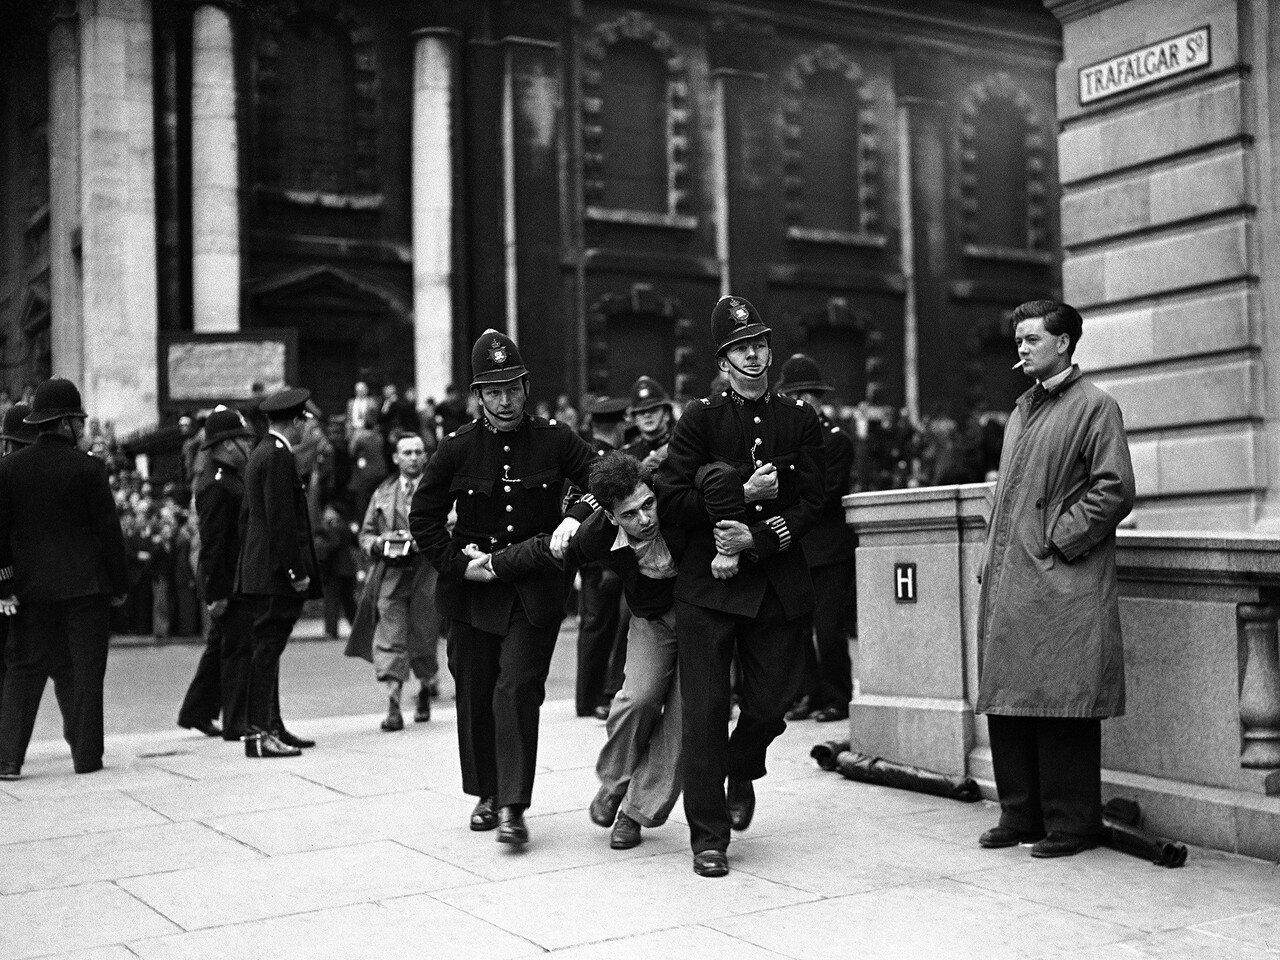 1937. 4 июля. Полиция задерживает демонстранта во время митинга Британского союза фашистов сэра Освальда Мосли на Трафальгарской площади